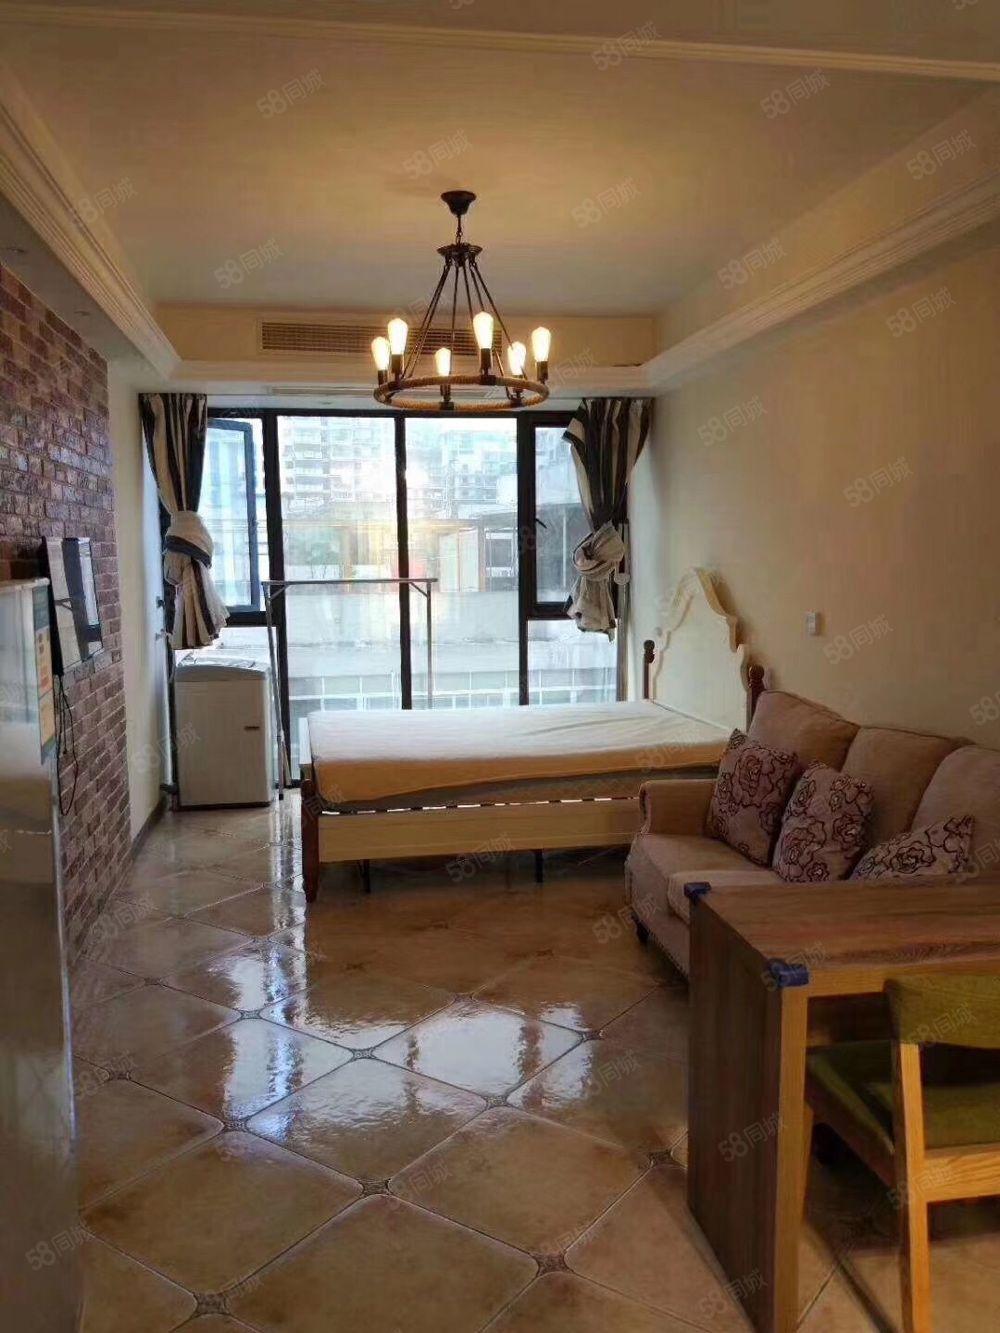 新城东欧智库酒店式公寓楼24小时专人看管月1550至2500